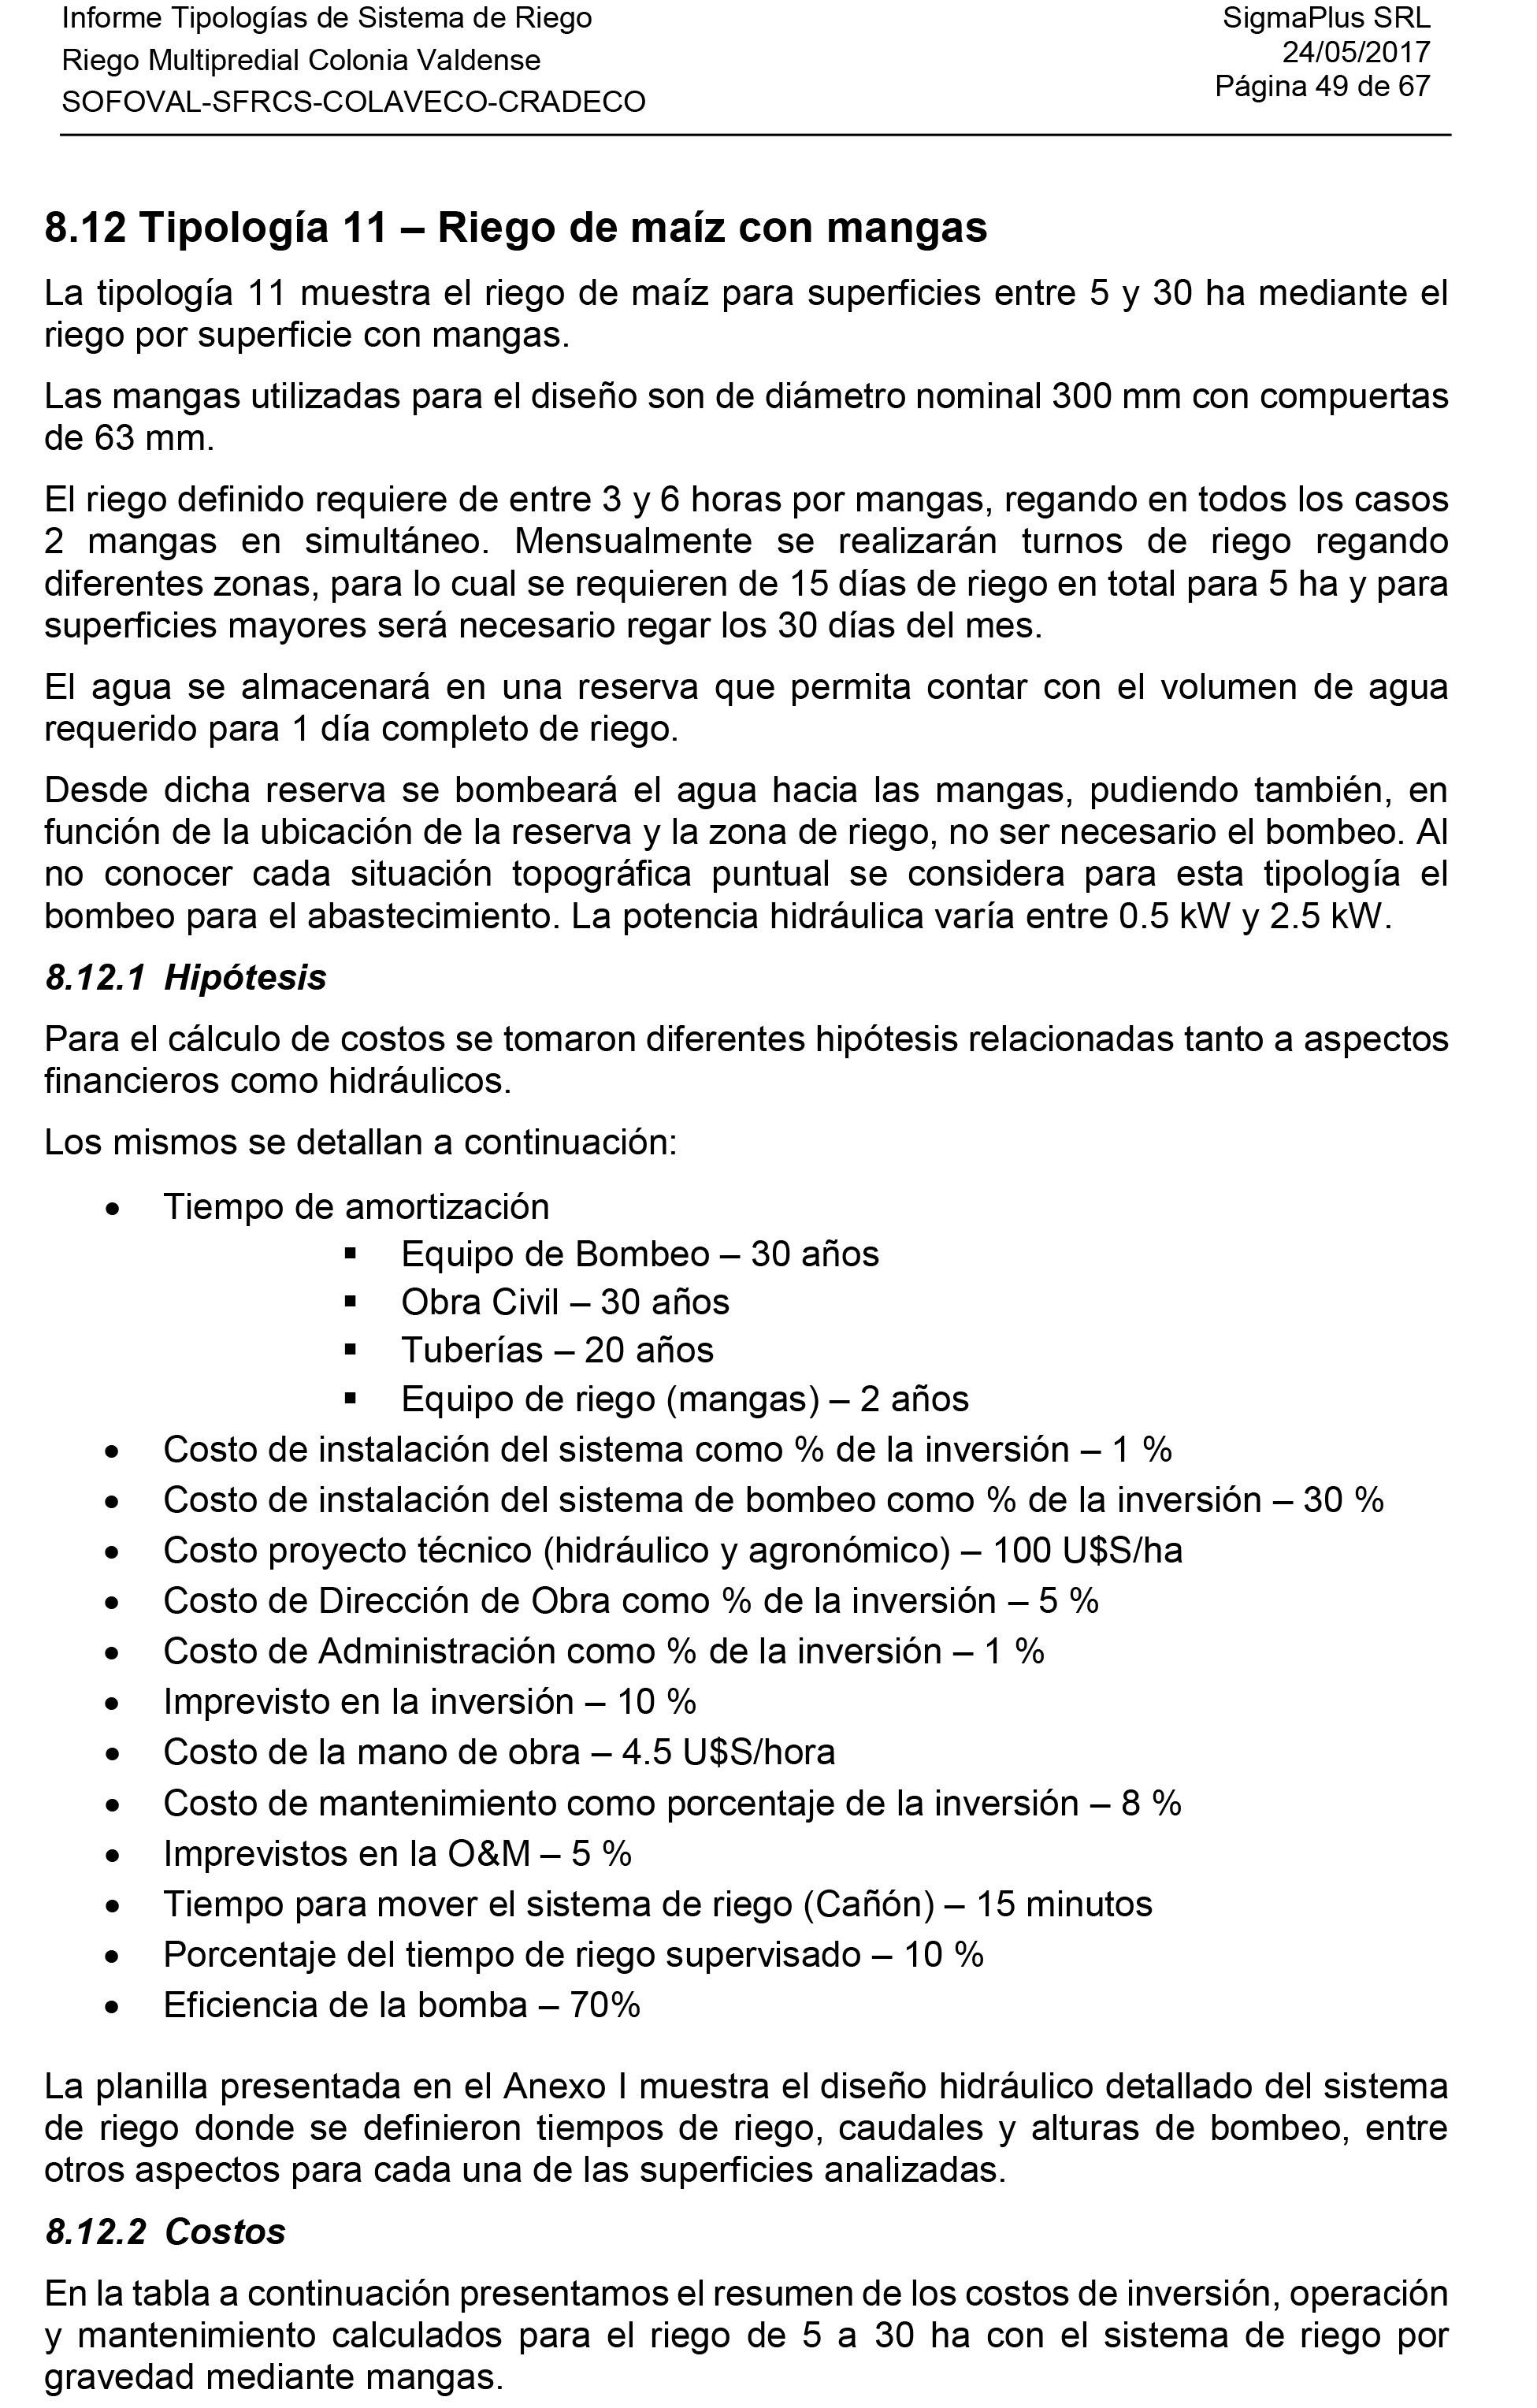 Tipologías de Riego-49